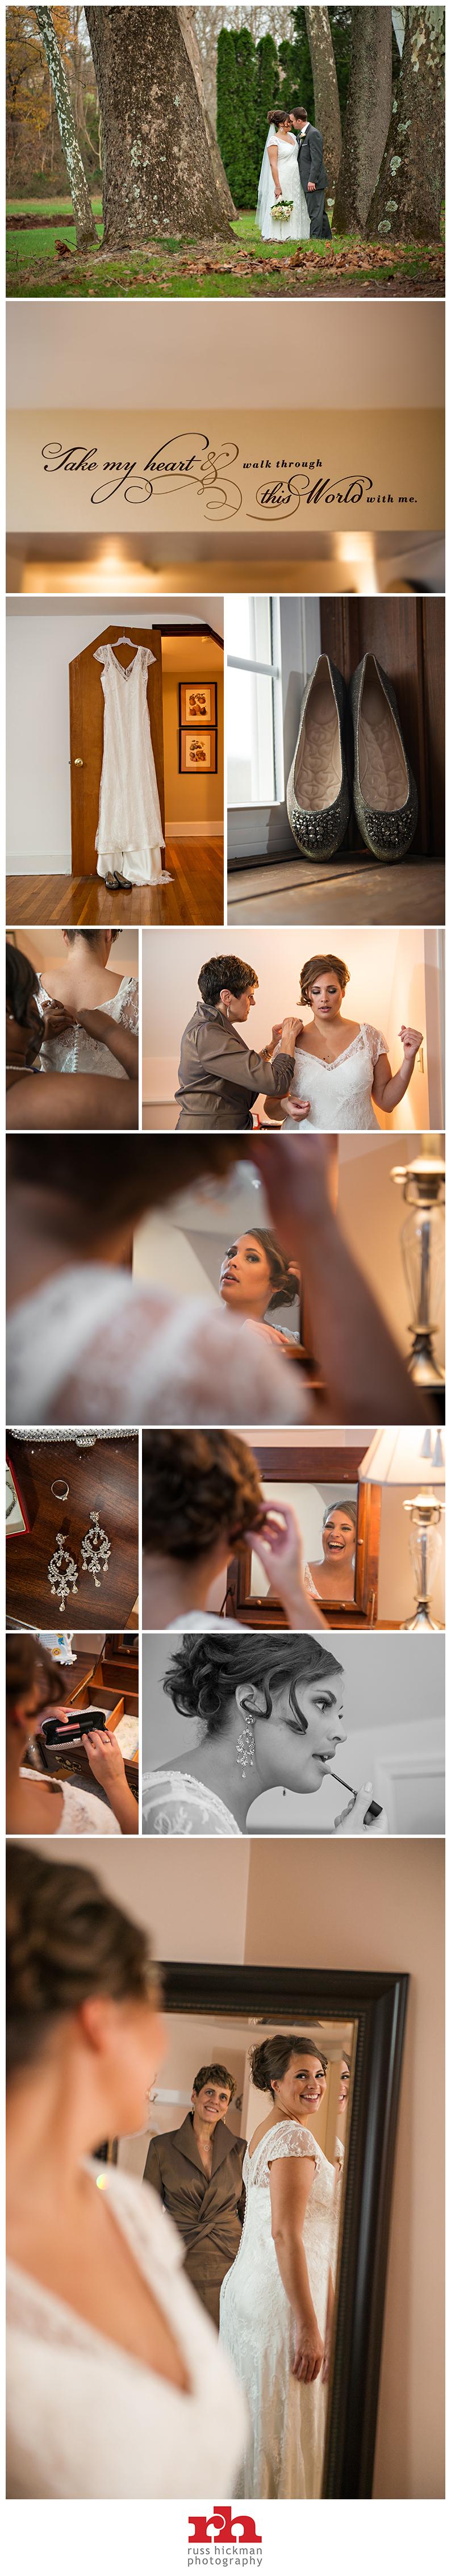 Philadelphia Wedding Photography LAWB0001